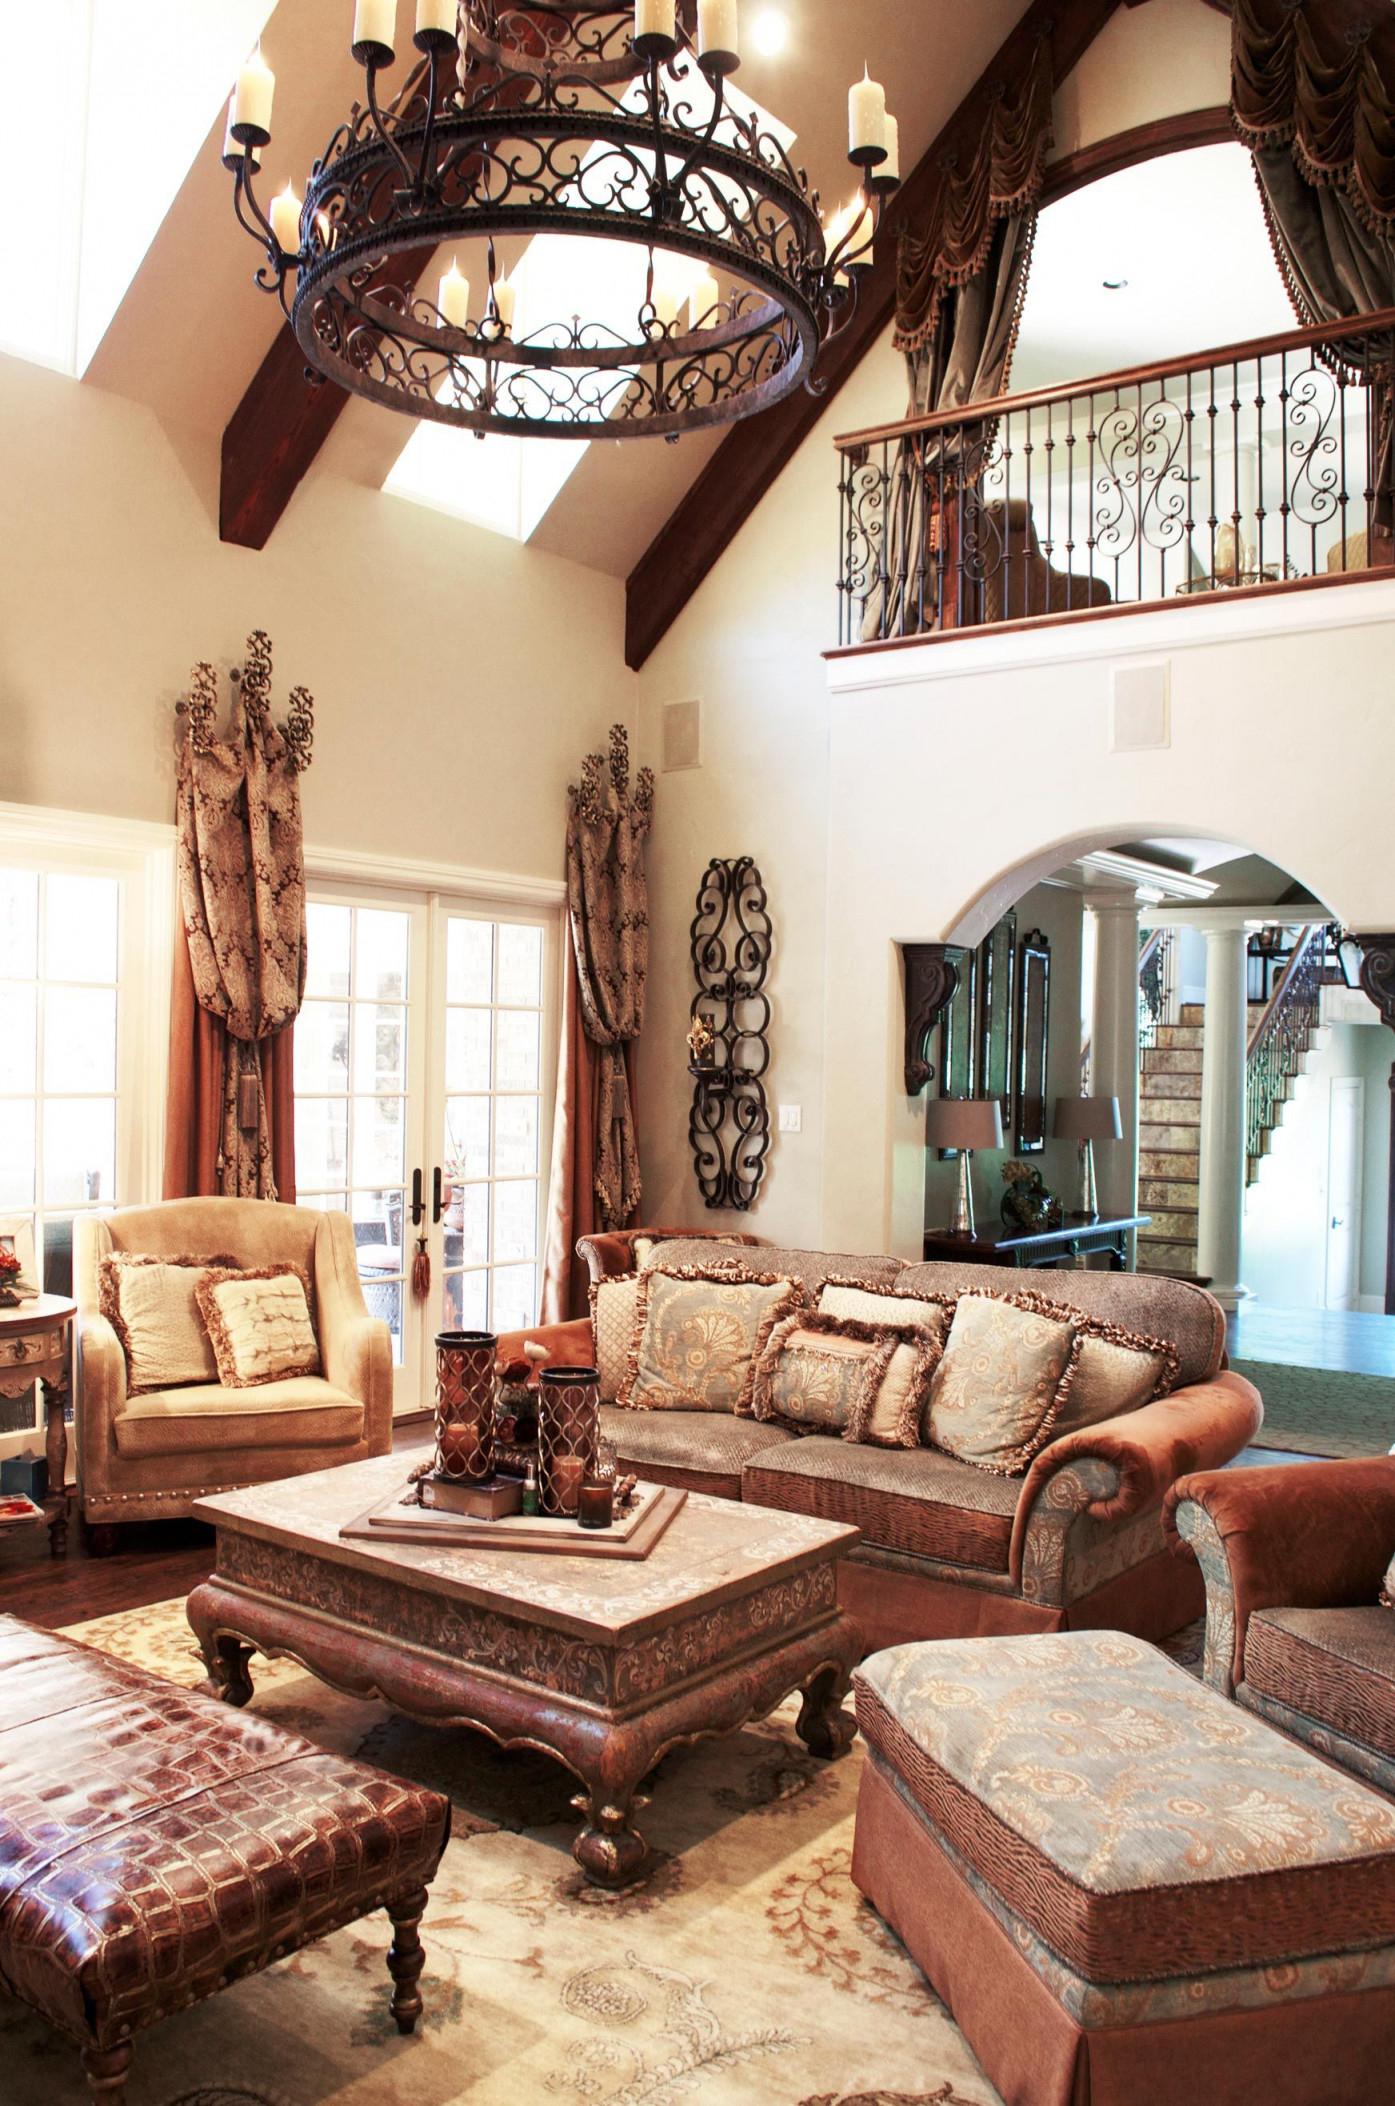 Tuscan Living Room With Old World Charm  Wohnzimmer Design von Mediterrane Deko Wohnzimmer Bild